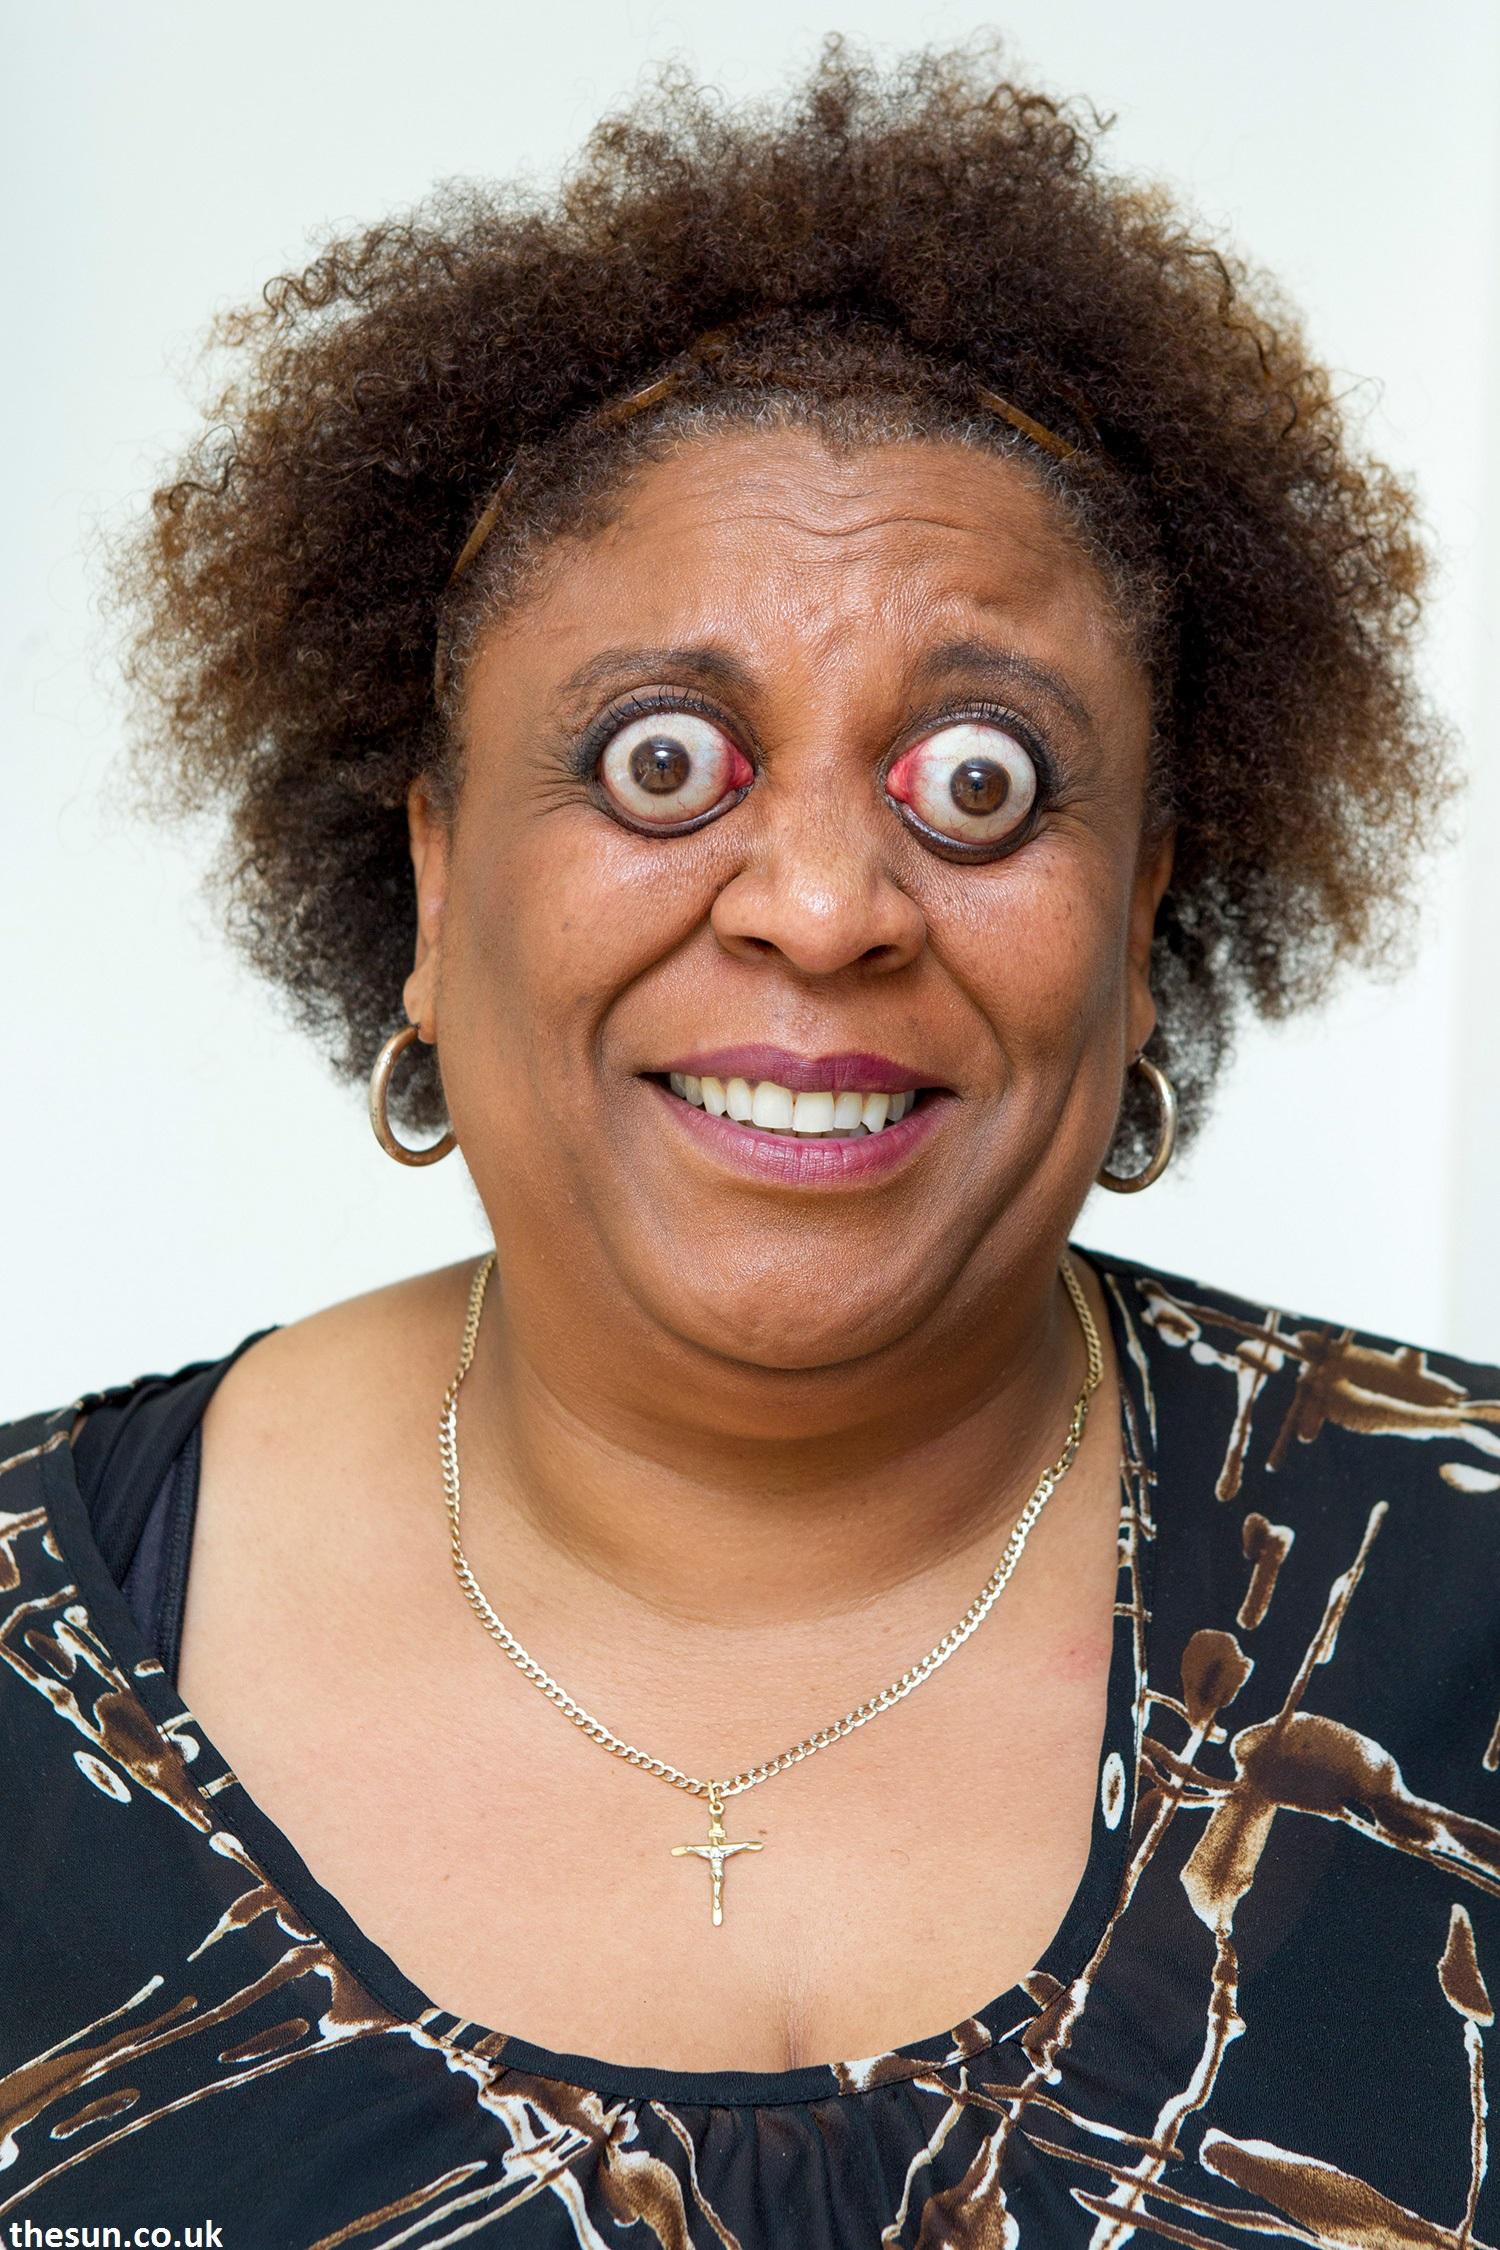 une des personnes les plus rares du monde Kim Goodman et ses yeux qui sortent de leurs orbite!